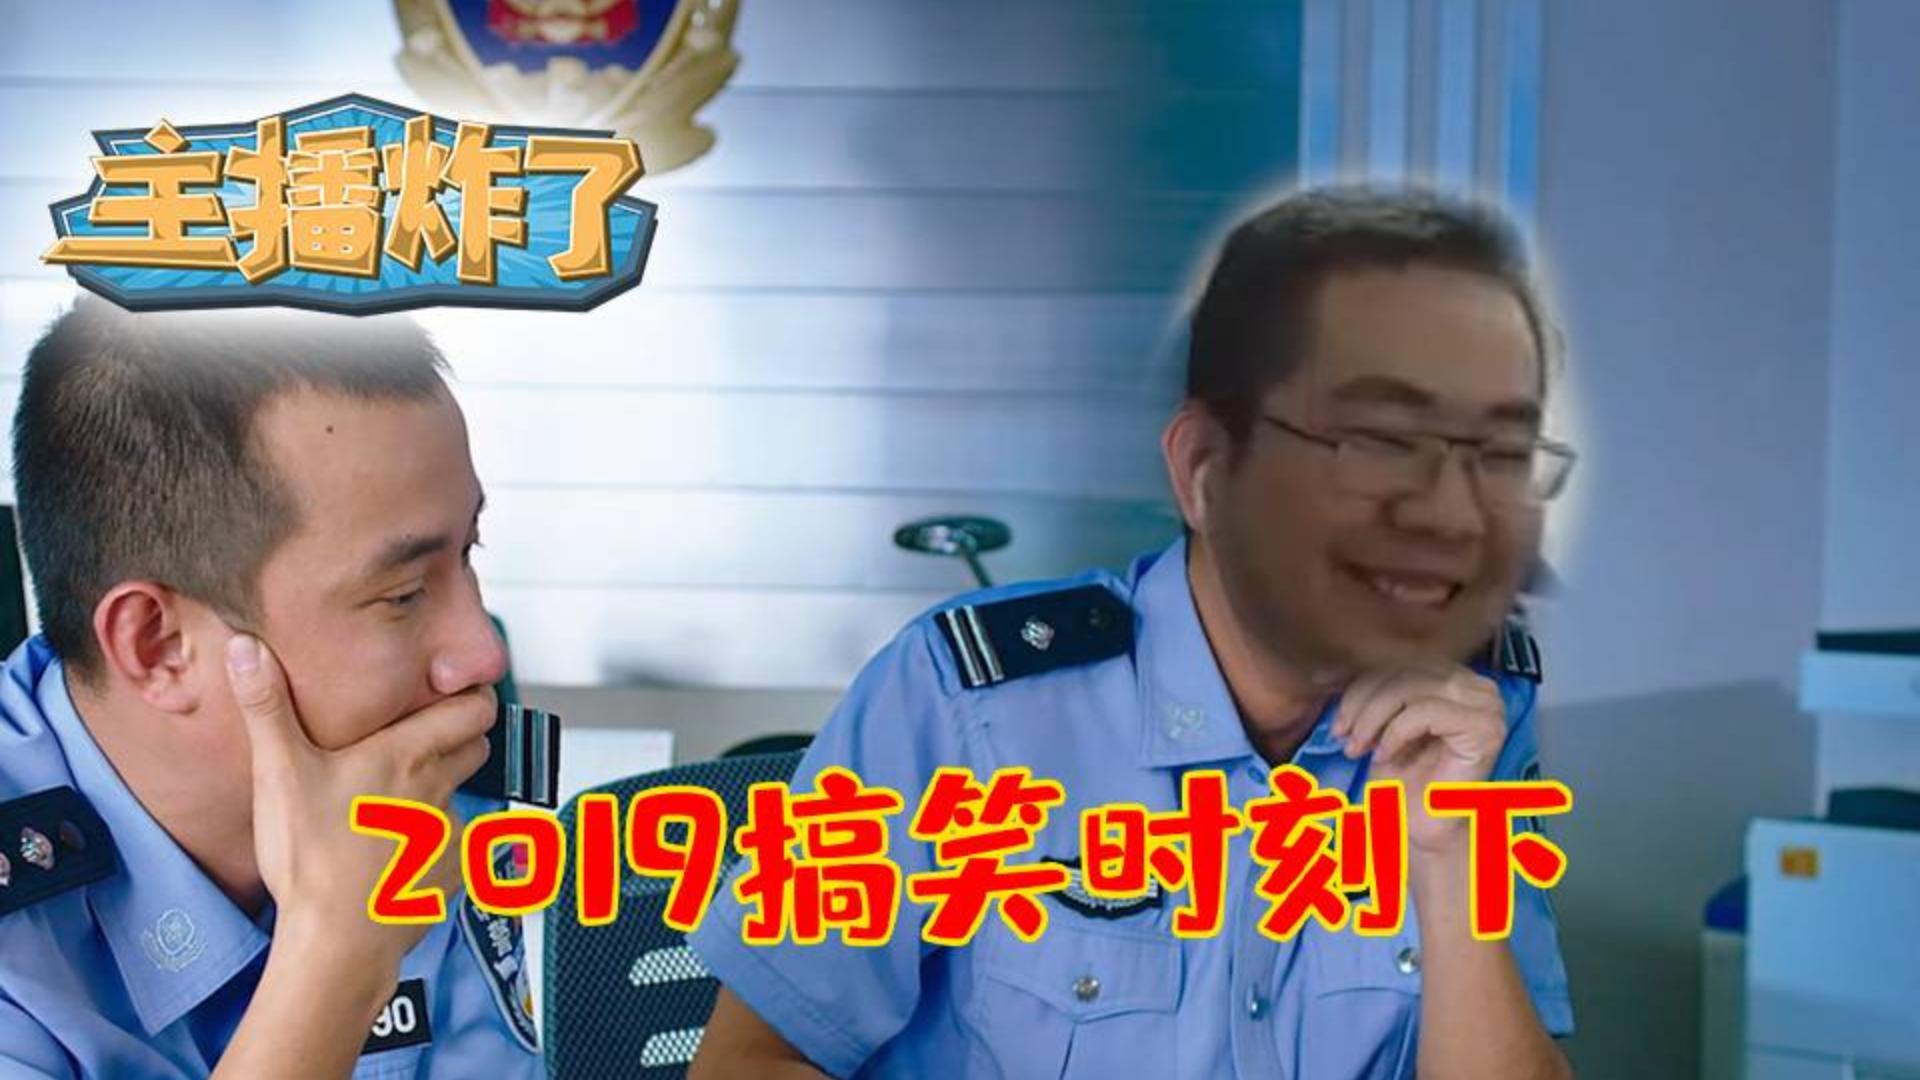 主播炸了年度篇(下):2019年度搞笑时刻